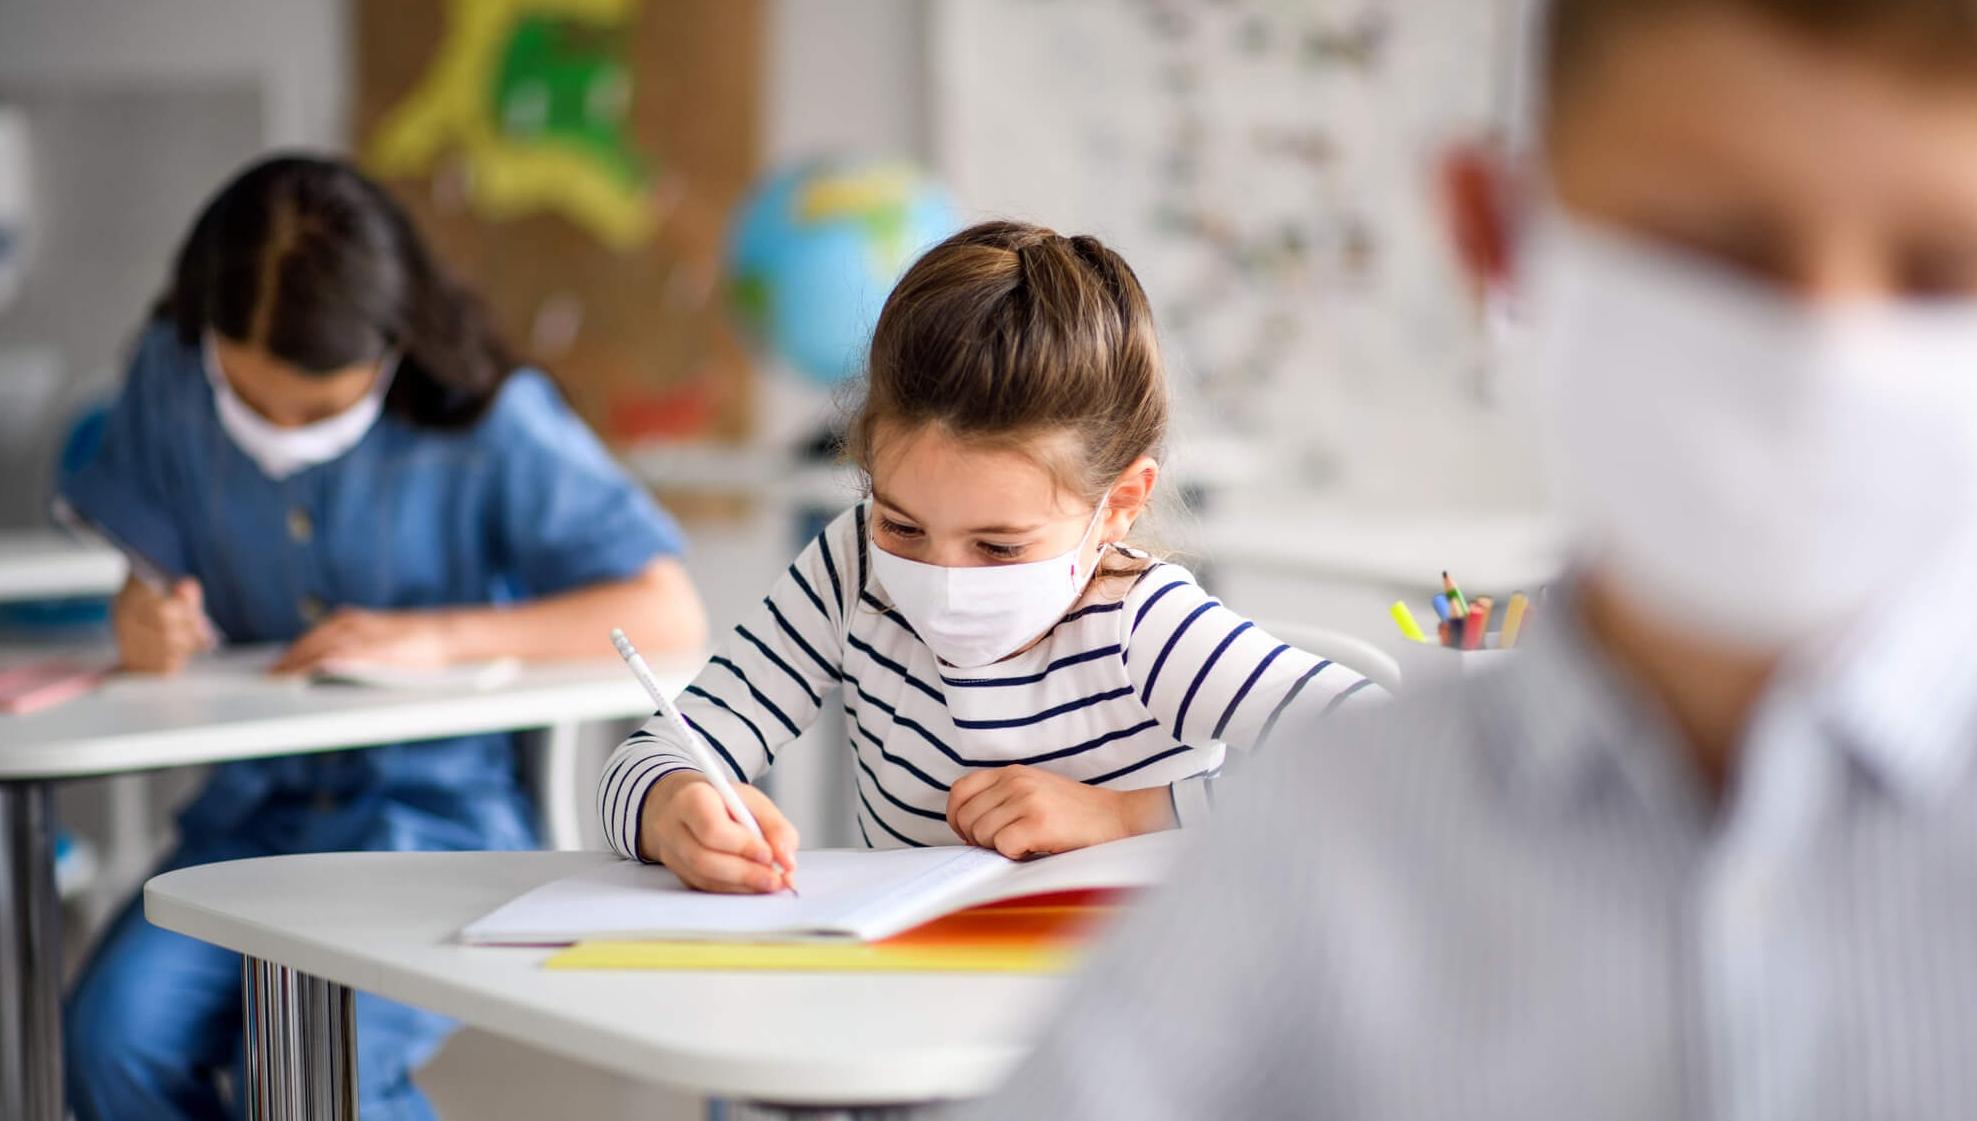 Scenariul de organizare și desfășurare a cursurilor în unitățile de învățământ din județul Giurgiu începând cu data de 05.05.2021